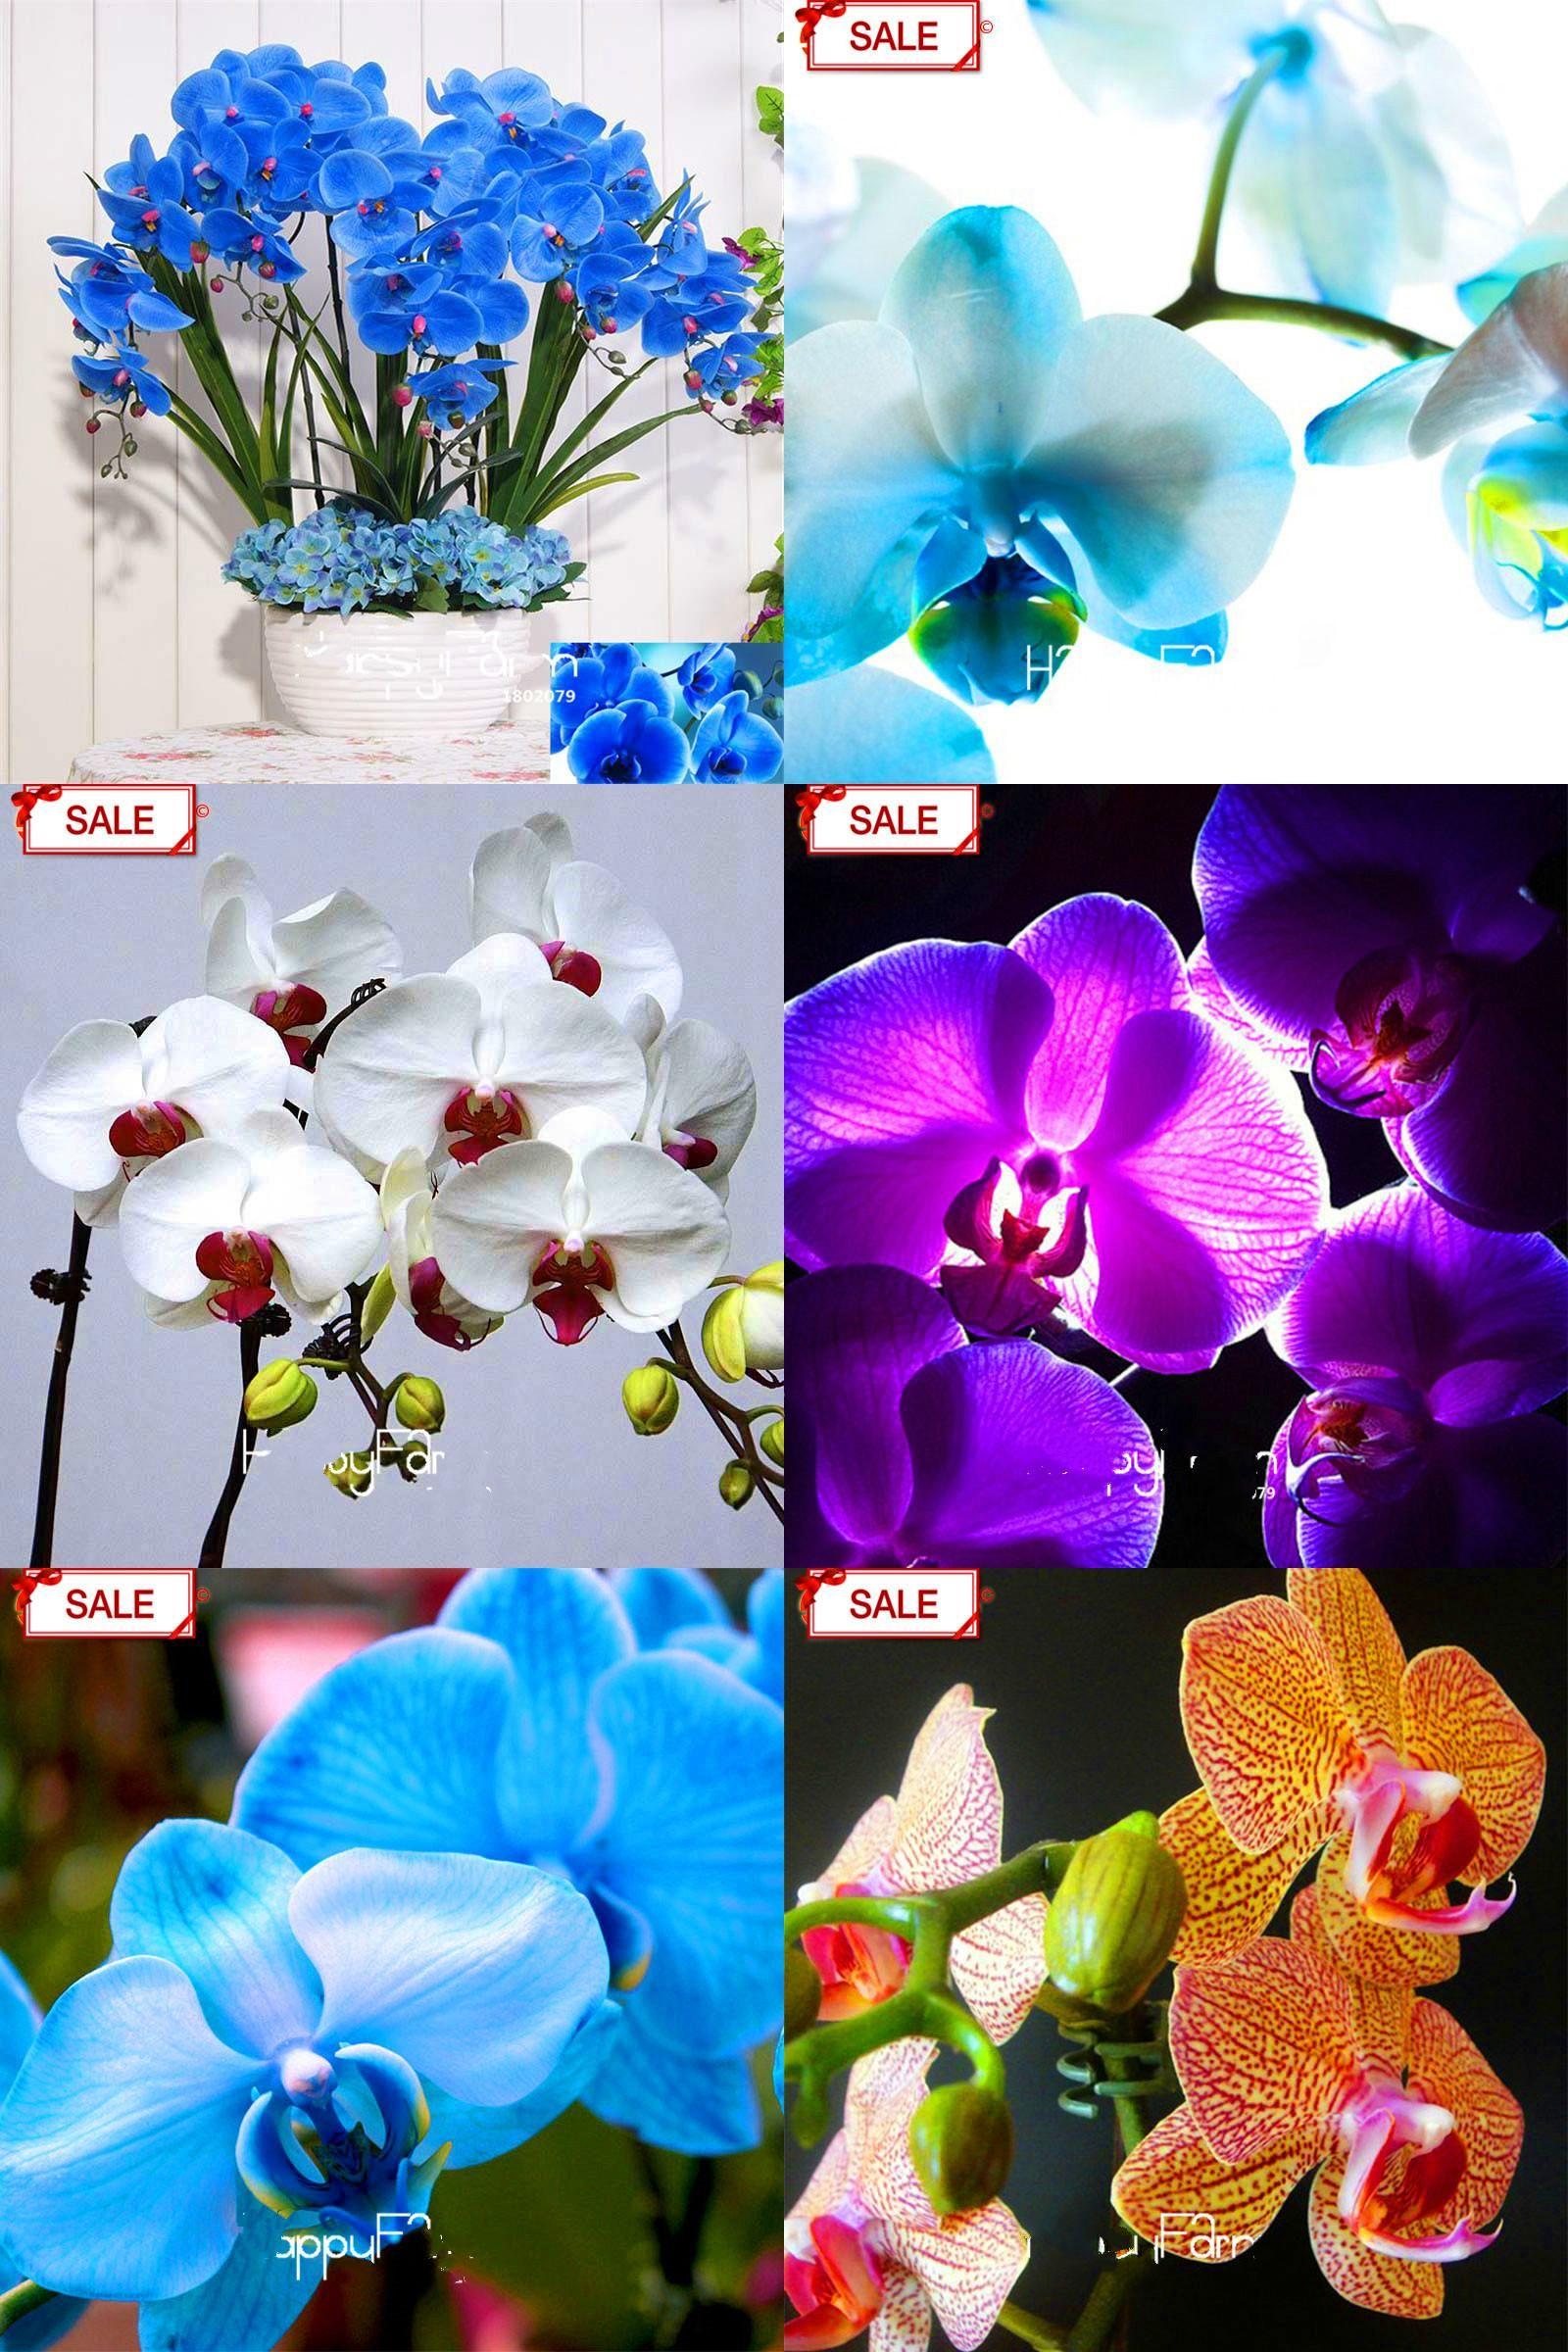 Visit To Buy Hot Sale 9 Varieties Phalaenopsis Seeds Perennial Flowering Plants Potted Charming Orchid Flowers Seed 50 Pcs Bag 44 Perennial Flowering Plants Flower Seeds Planting Flowers